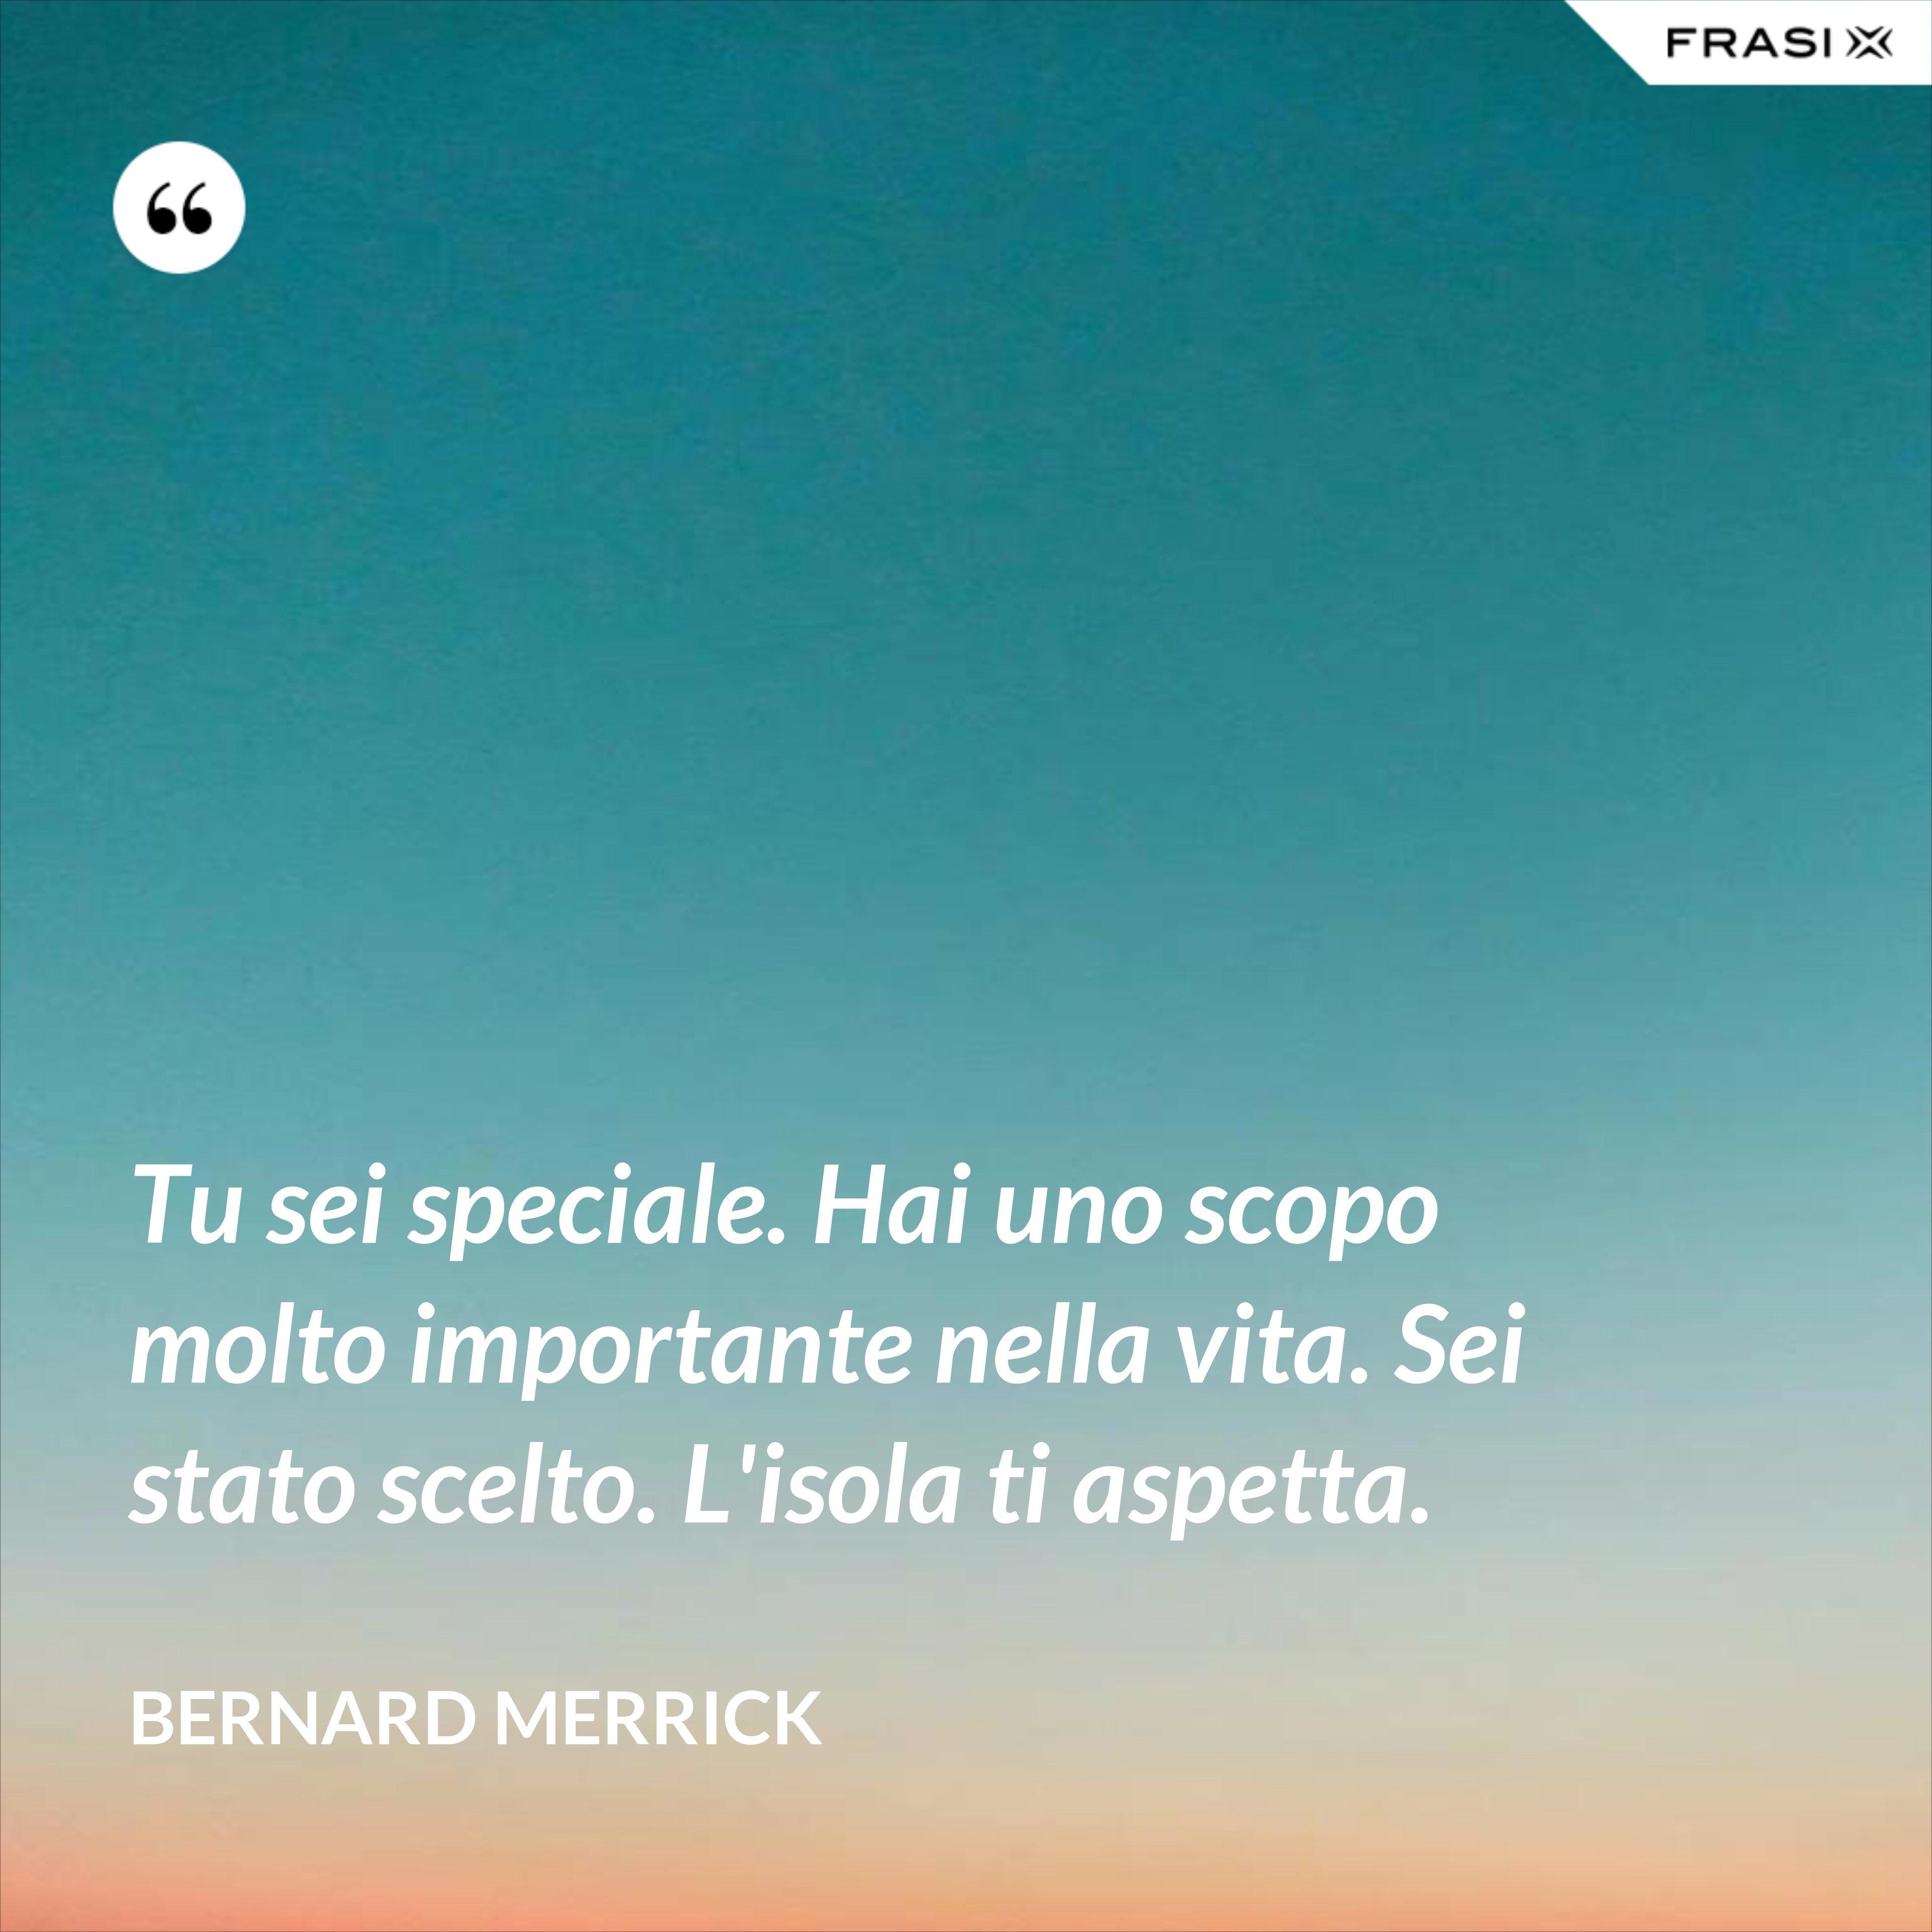 Tu sei speciale. Hai uno scopo molto importante nella vita. Sei stato scelto. L'isola ti aspetta. - Bernard Merrick